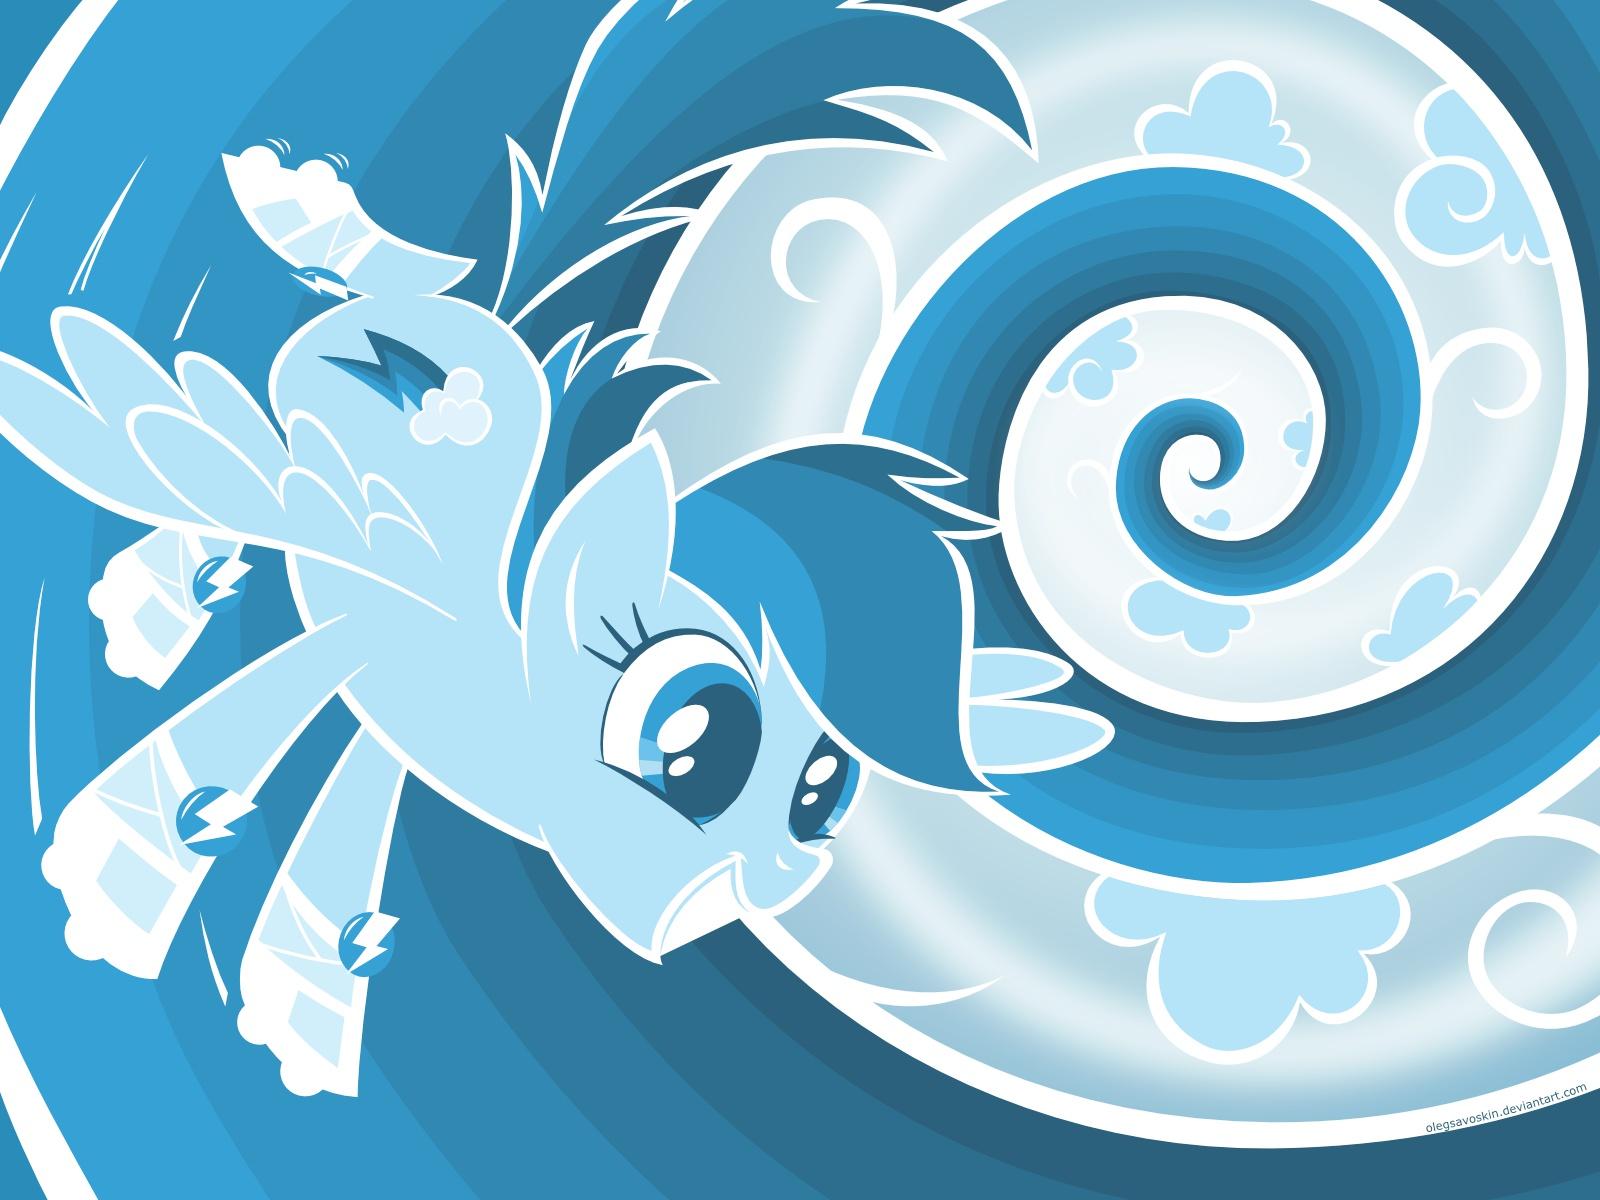 http://3.bp.blogspot.com/-qQj2XGl1O5Y/TjSQiNMQiqI/AAAAAAAAJfw/oa31zXmXrCg/s1600/39792+-+rainbow_dash+wallpaper.jpg